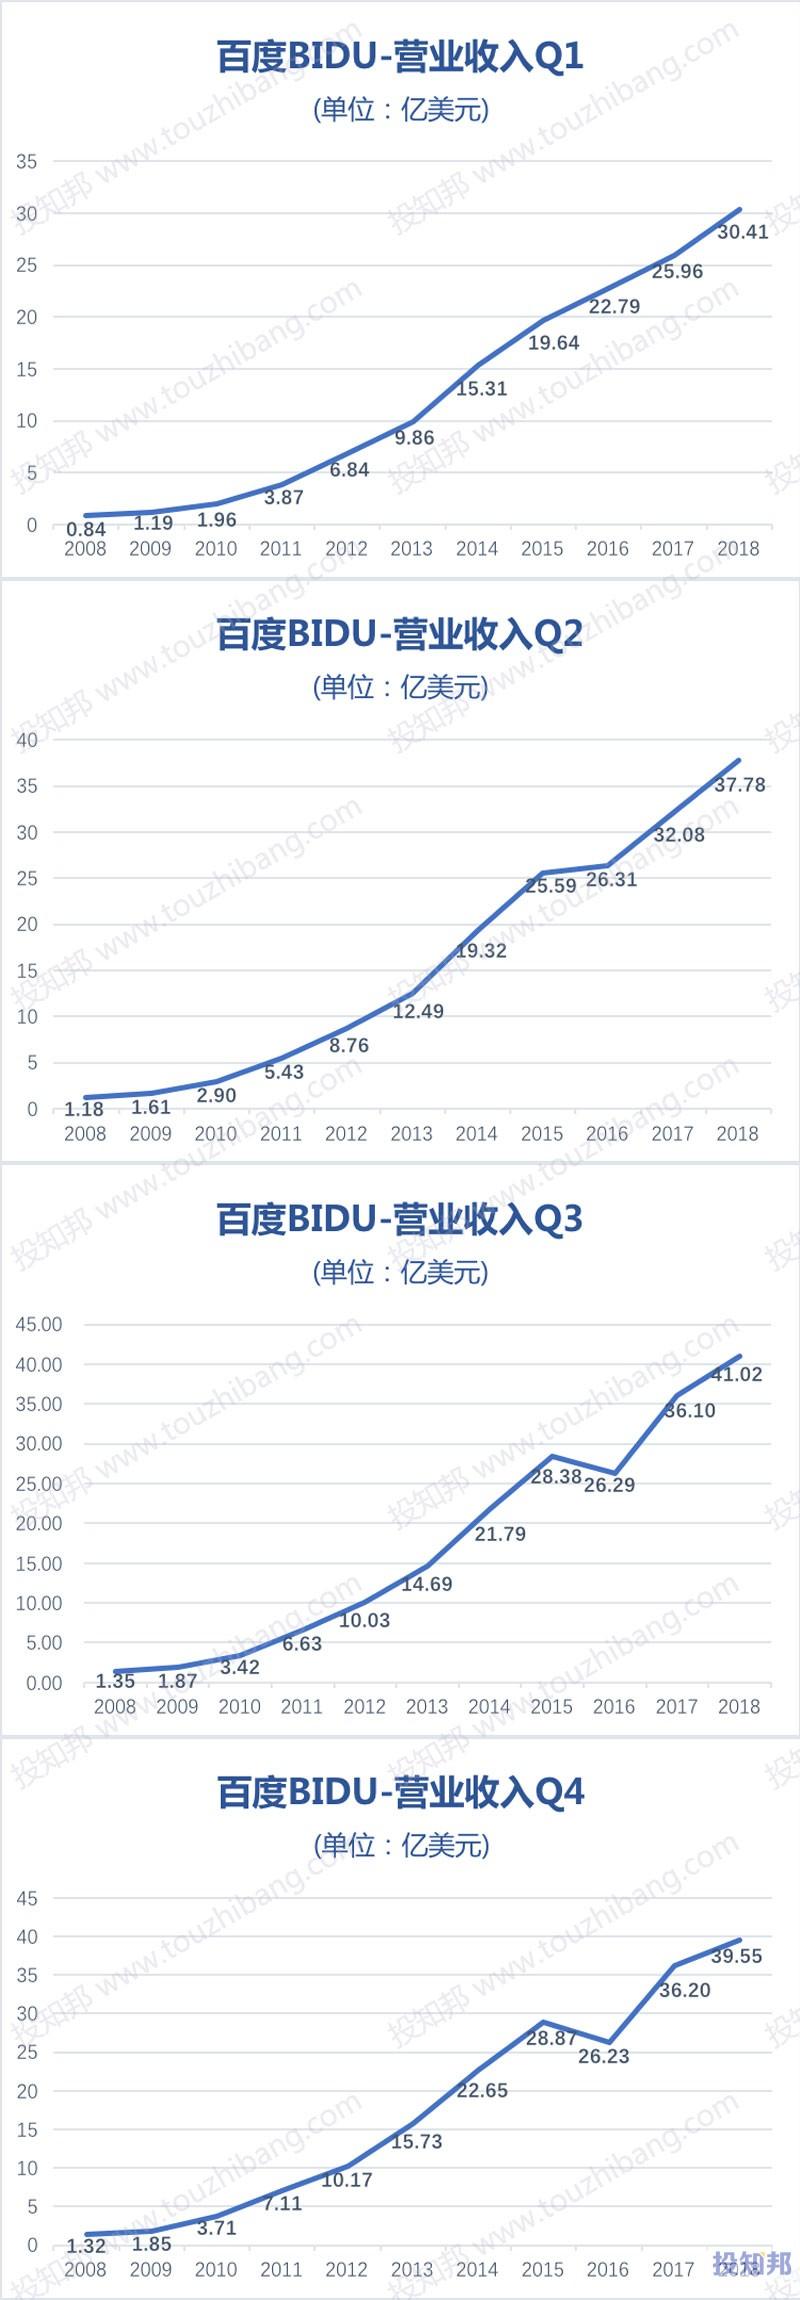 图解百度(BIDU)财报数据(以美元计,2008~2018年,更新)